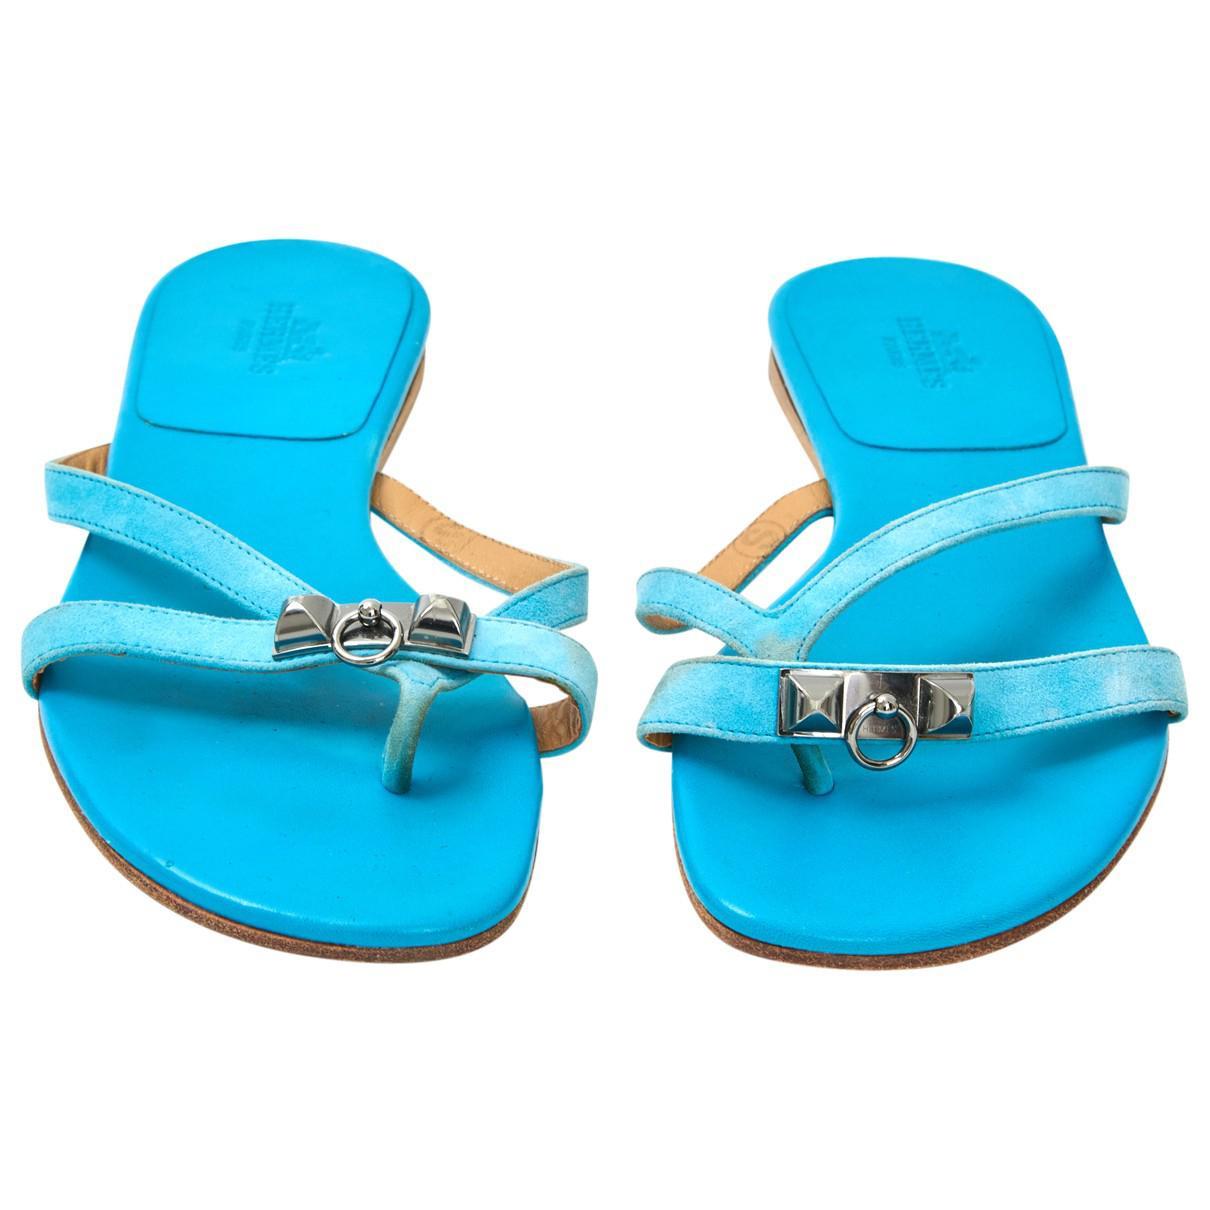 da317bc61cbe50 Lyst - Hermès Pre-owned Corfou Sandals in Blue